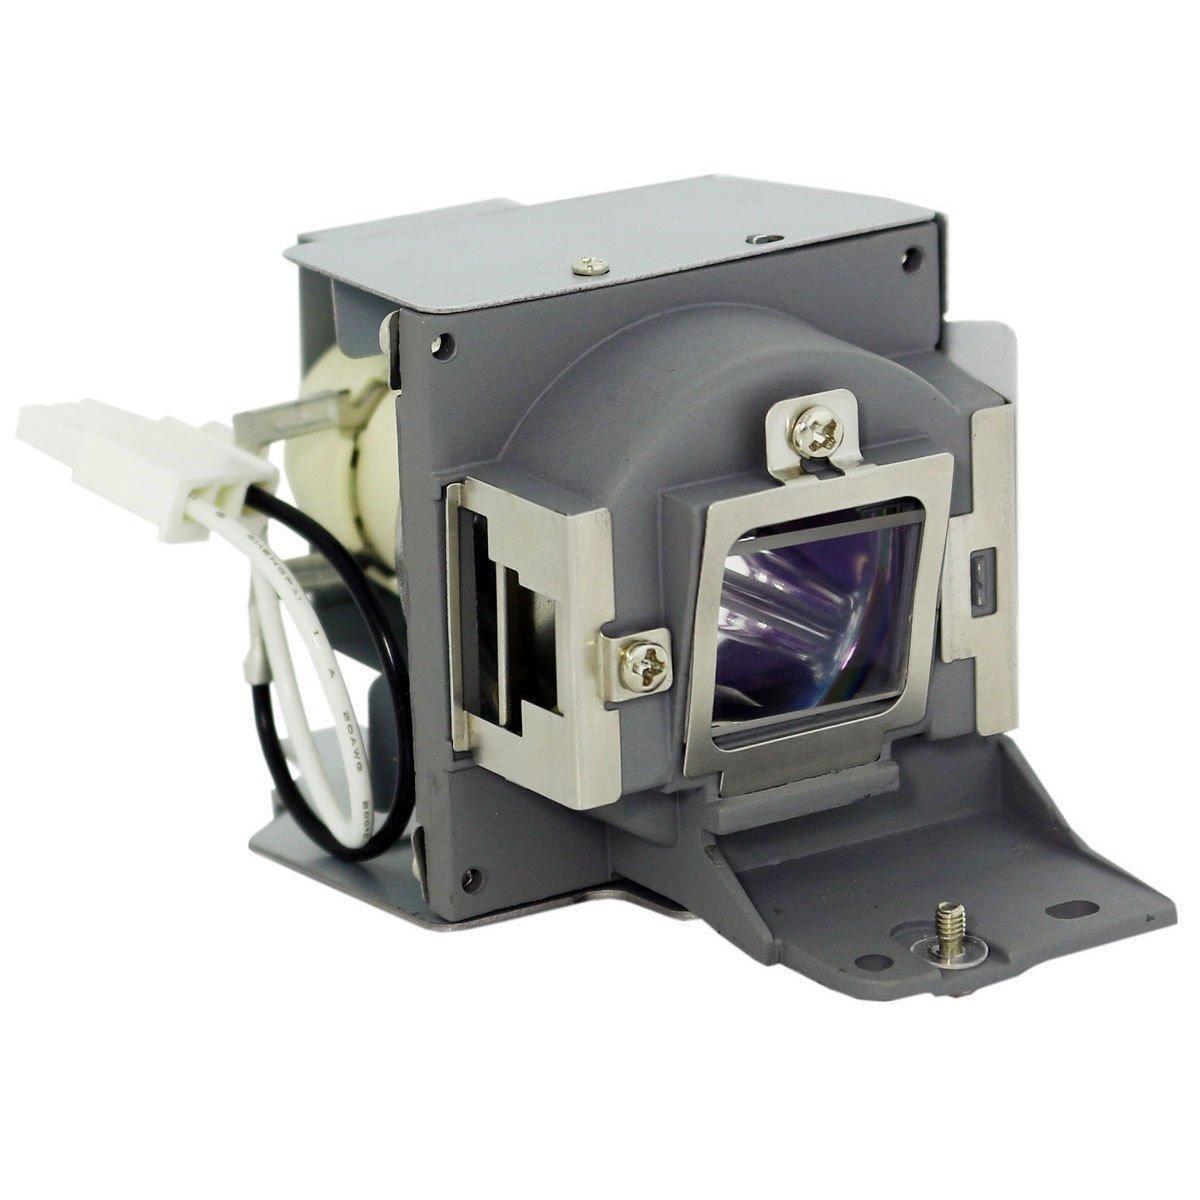 Compatible Projector lamp BENQ 5J.J9A05.001,DX818ST,DX819ST,MX818ST,MX819ST,MX600Compatible Projector lamp BENQ 5J.J9A05.001,DX818ST,DX819ST,MX818ST,MX819ST,MX600